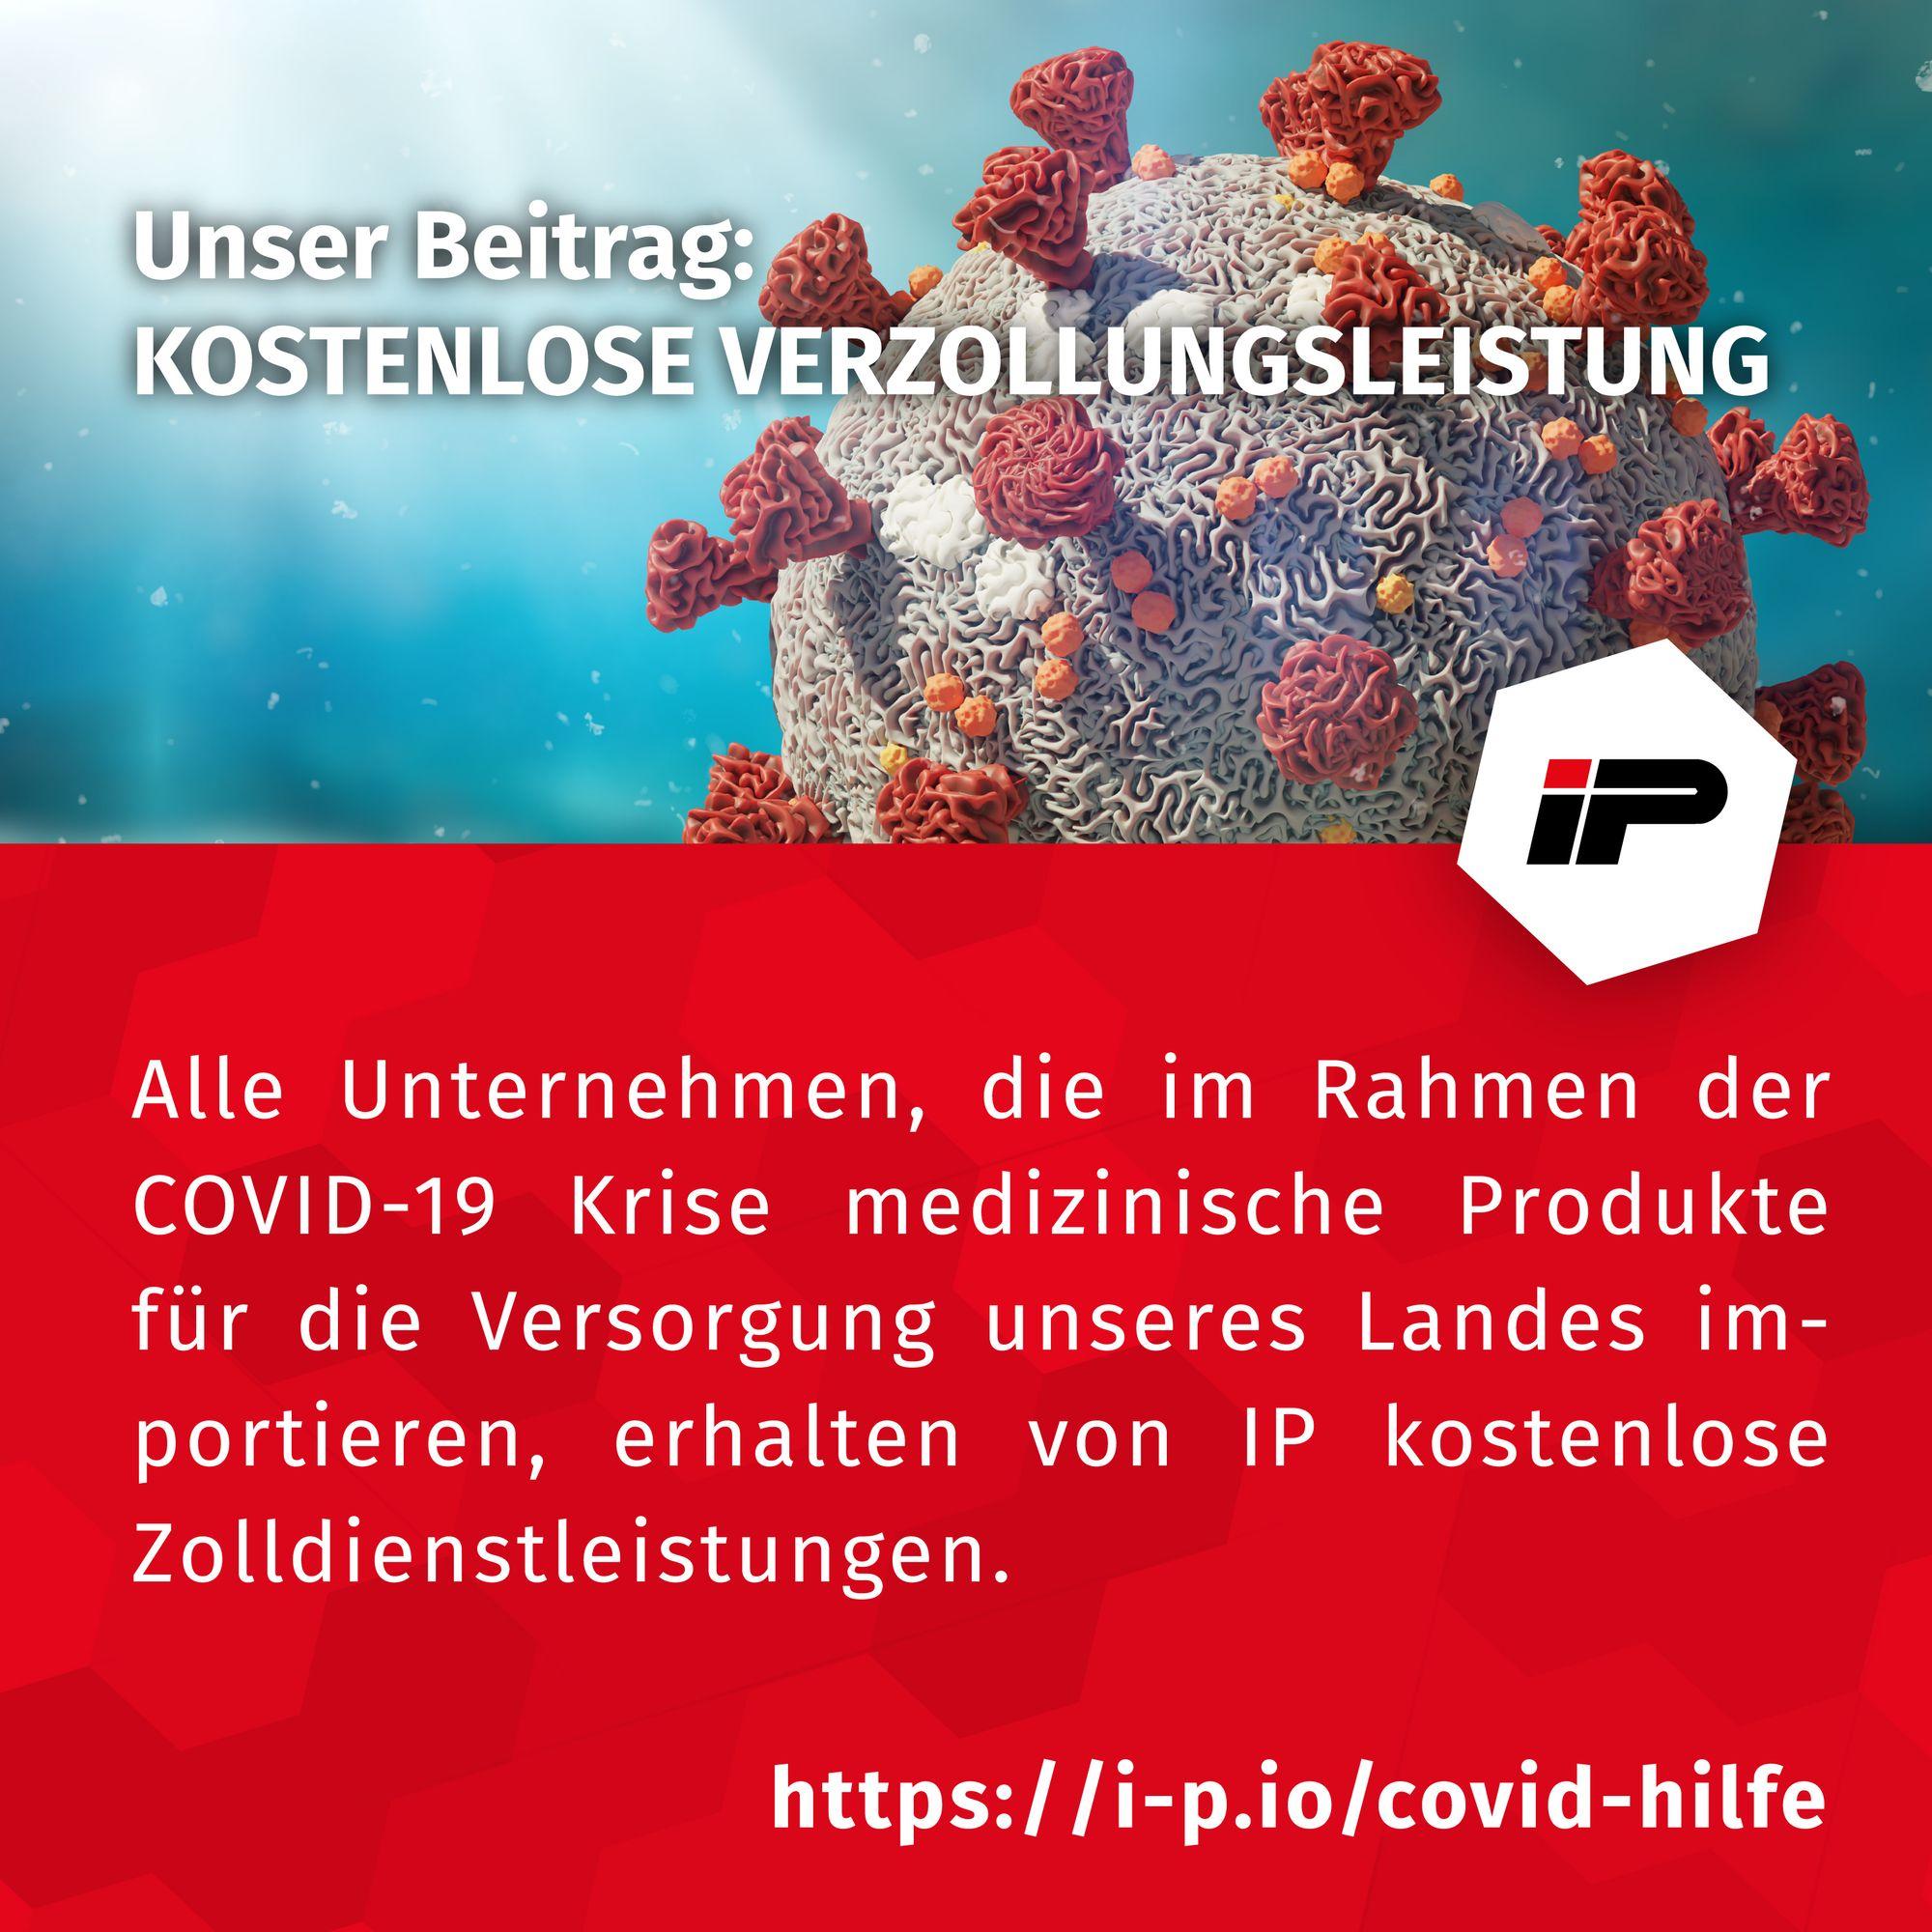 COVID-19 - kostenlose Zolldienstleistung für medizinische Produkte